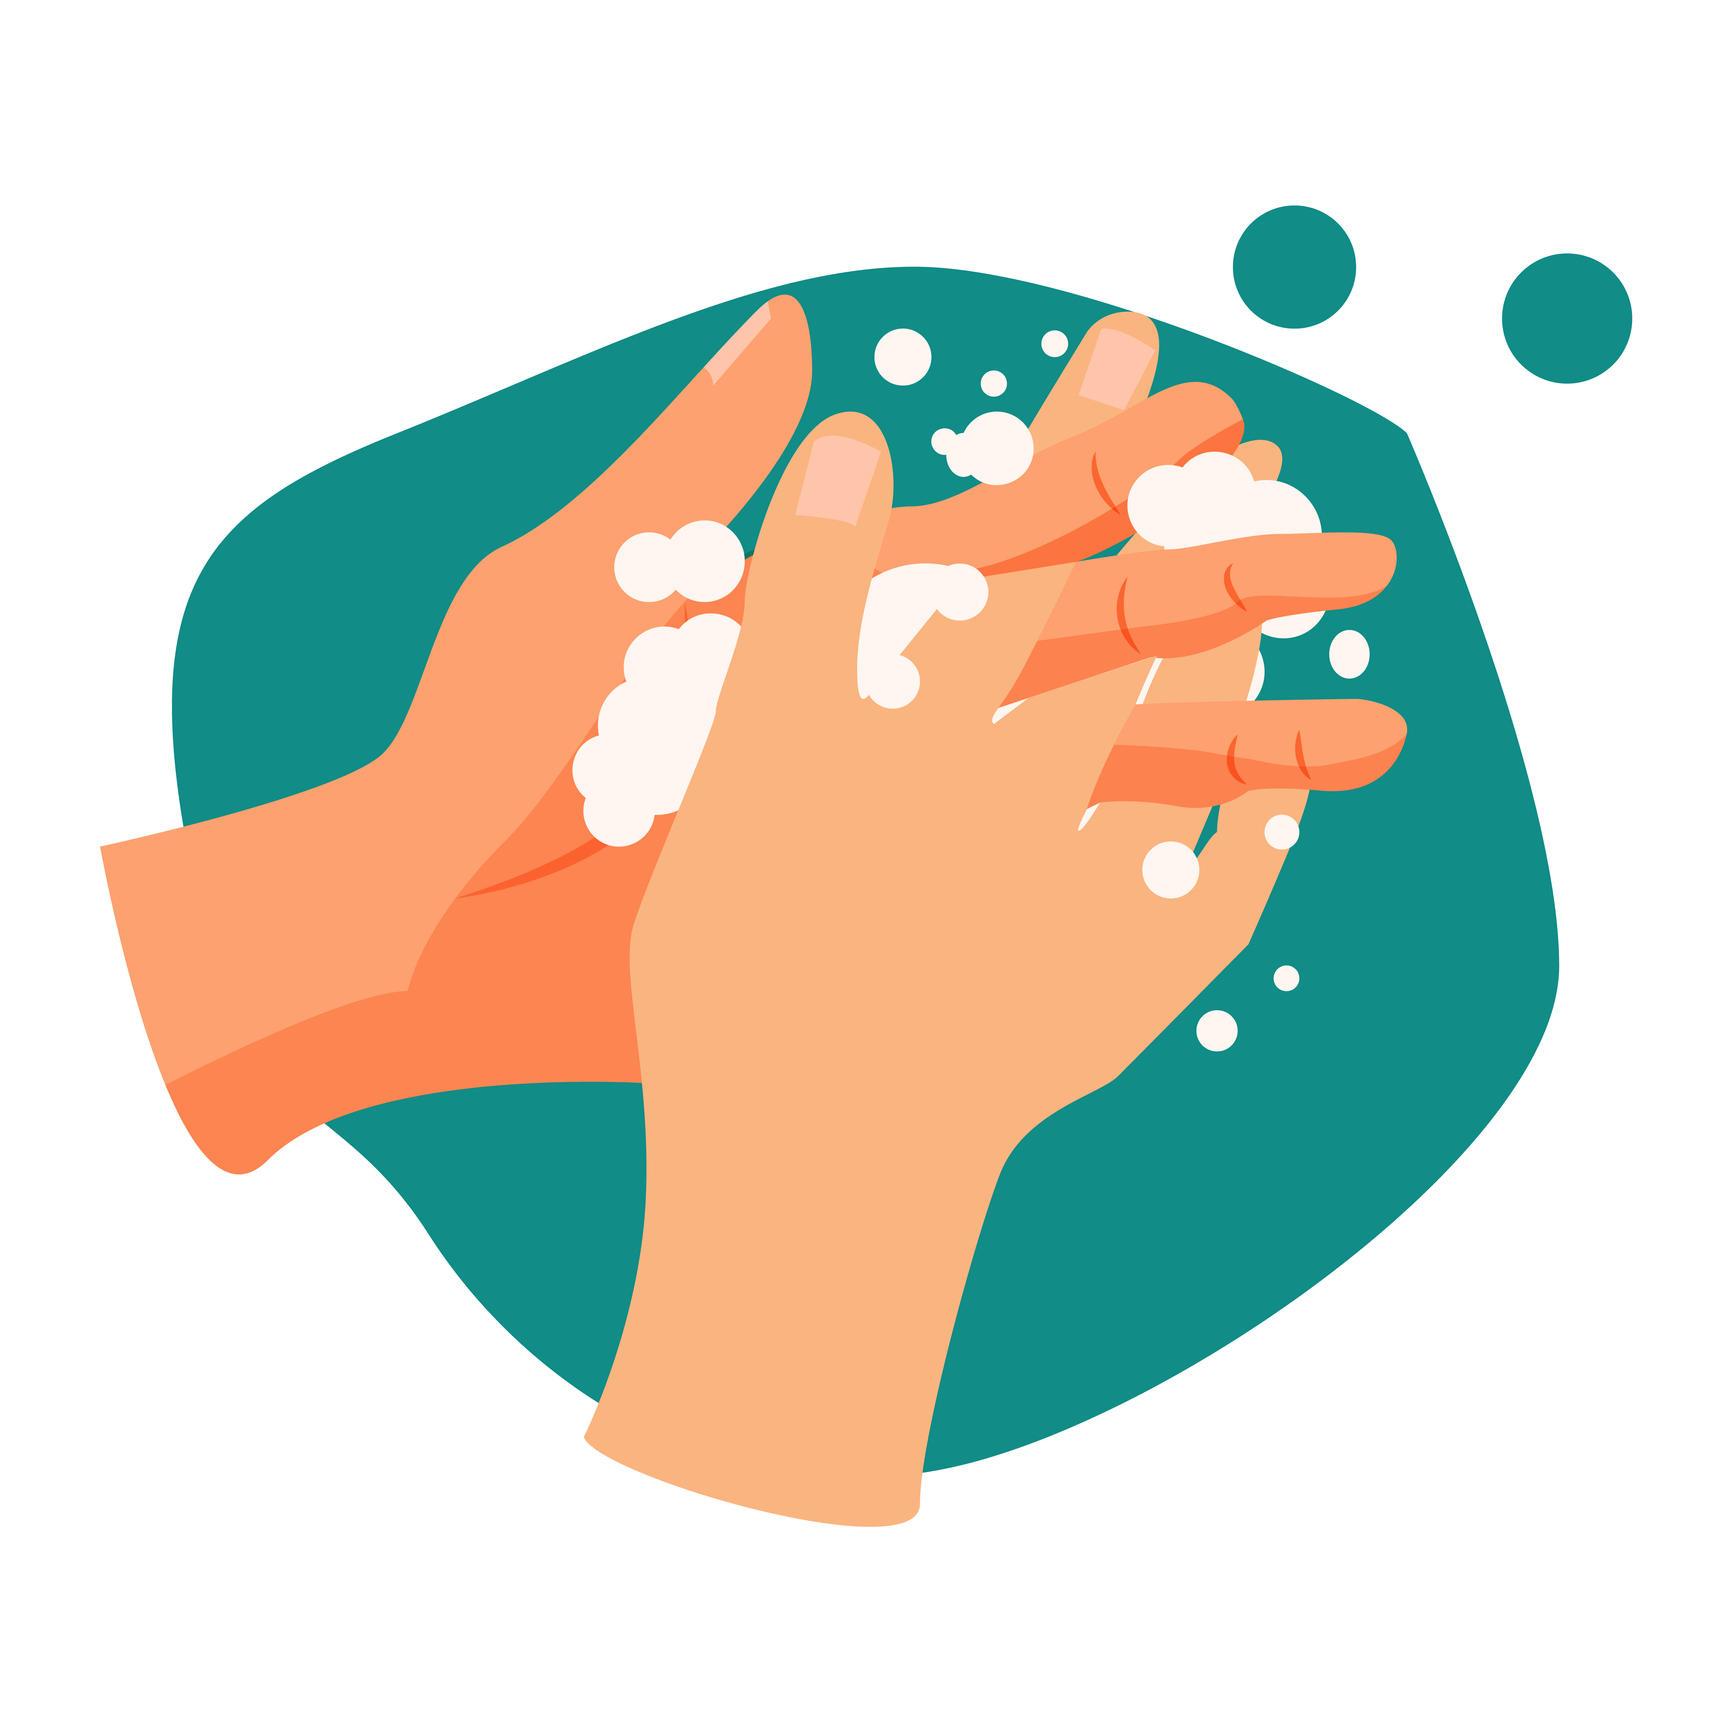 Handwashing illustration